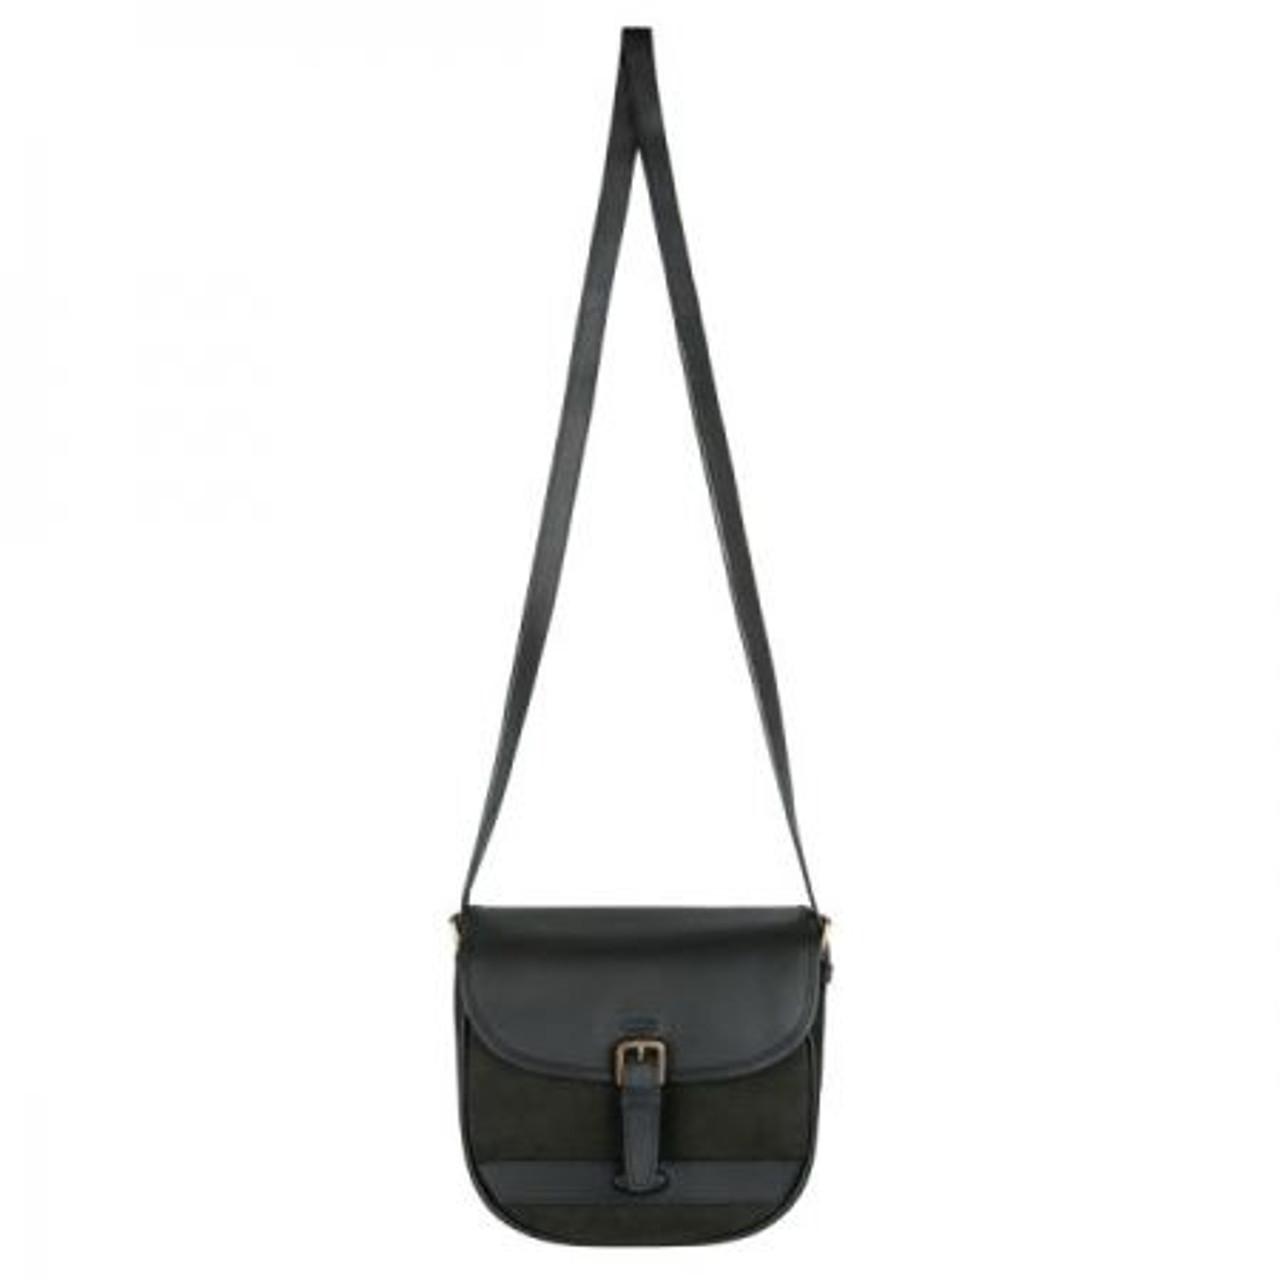 Dubarry Clara Large Saddle Style Bag in Black